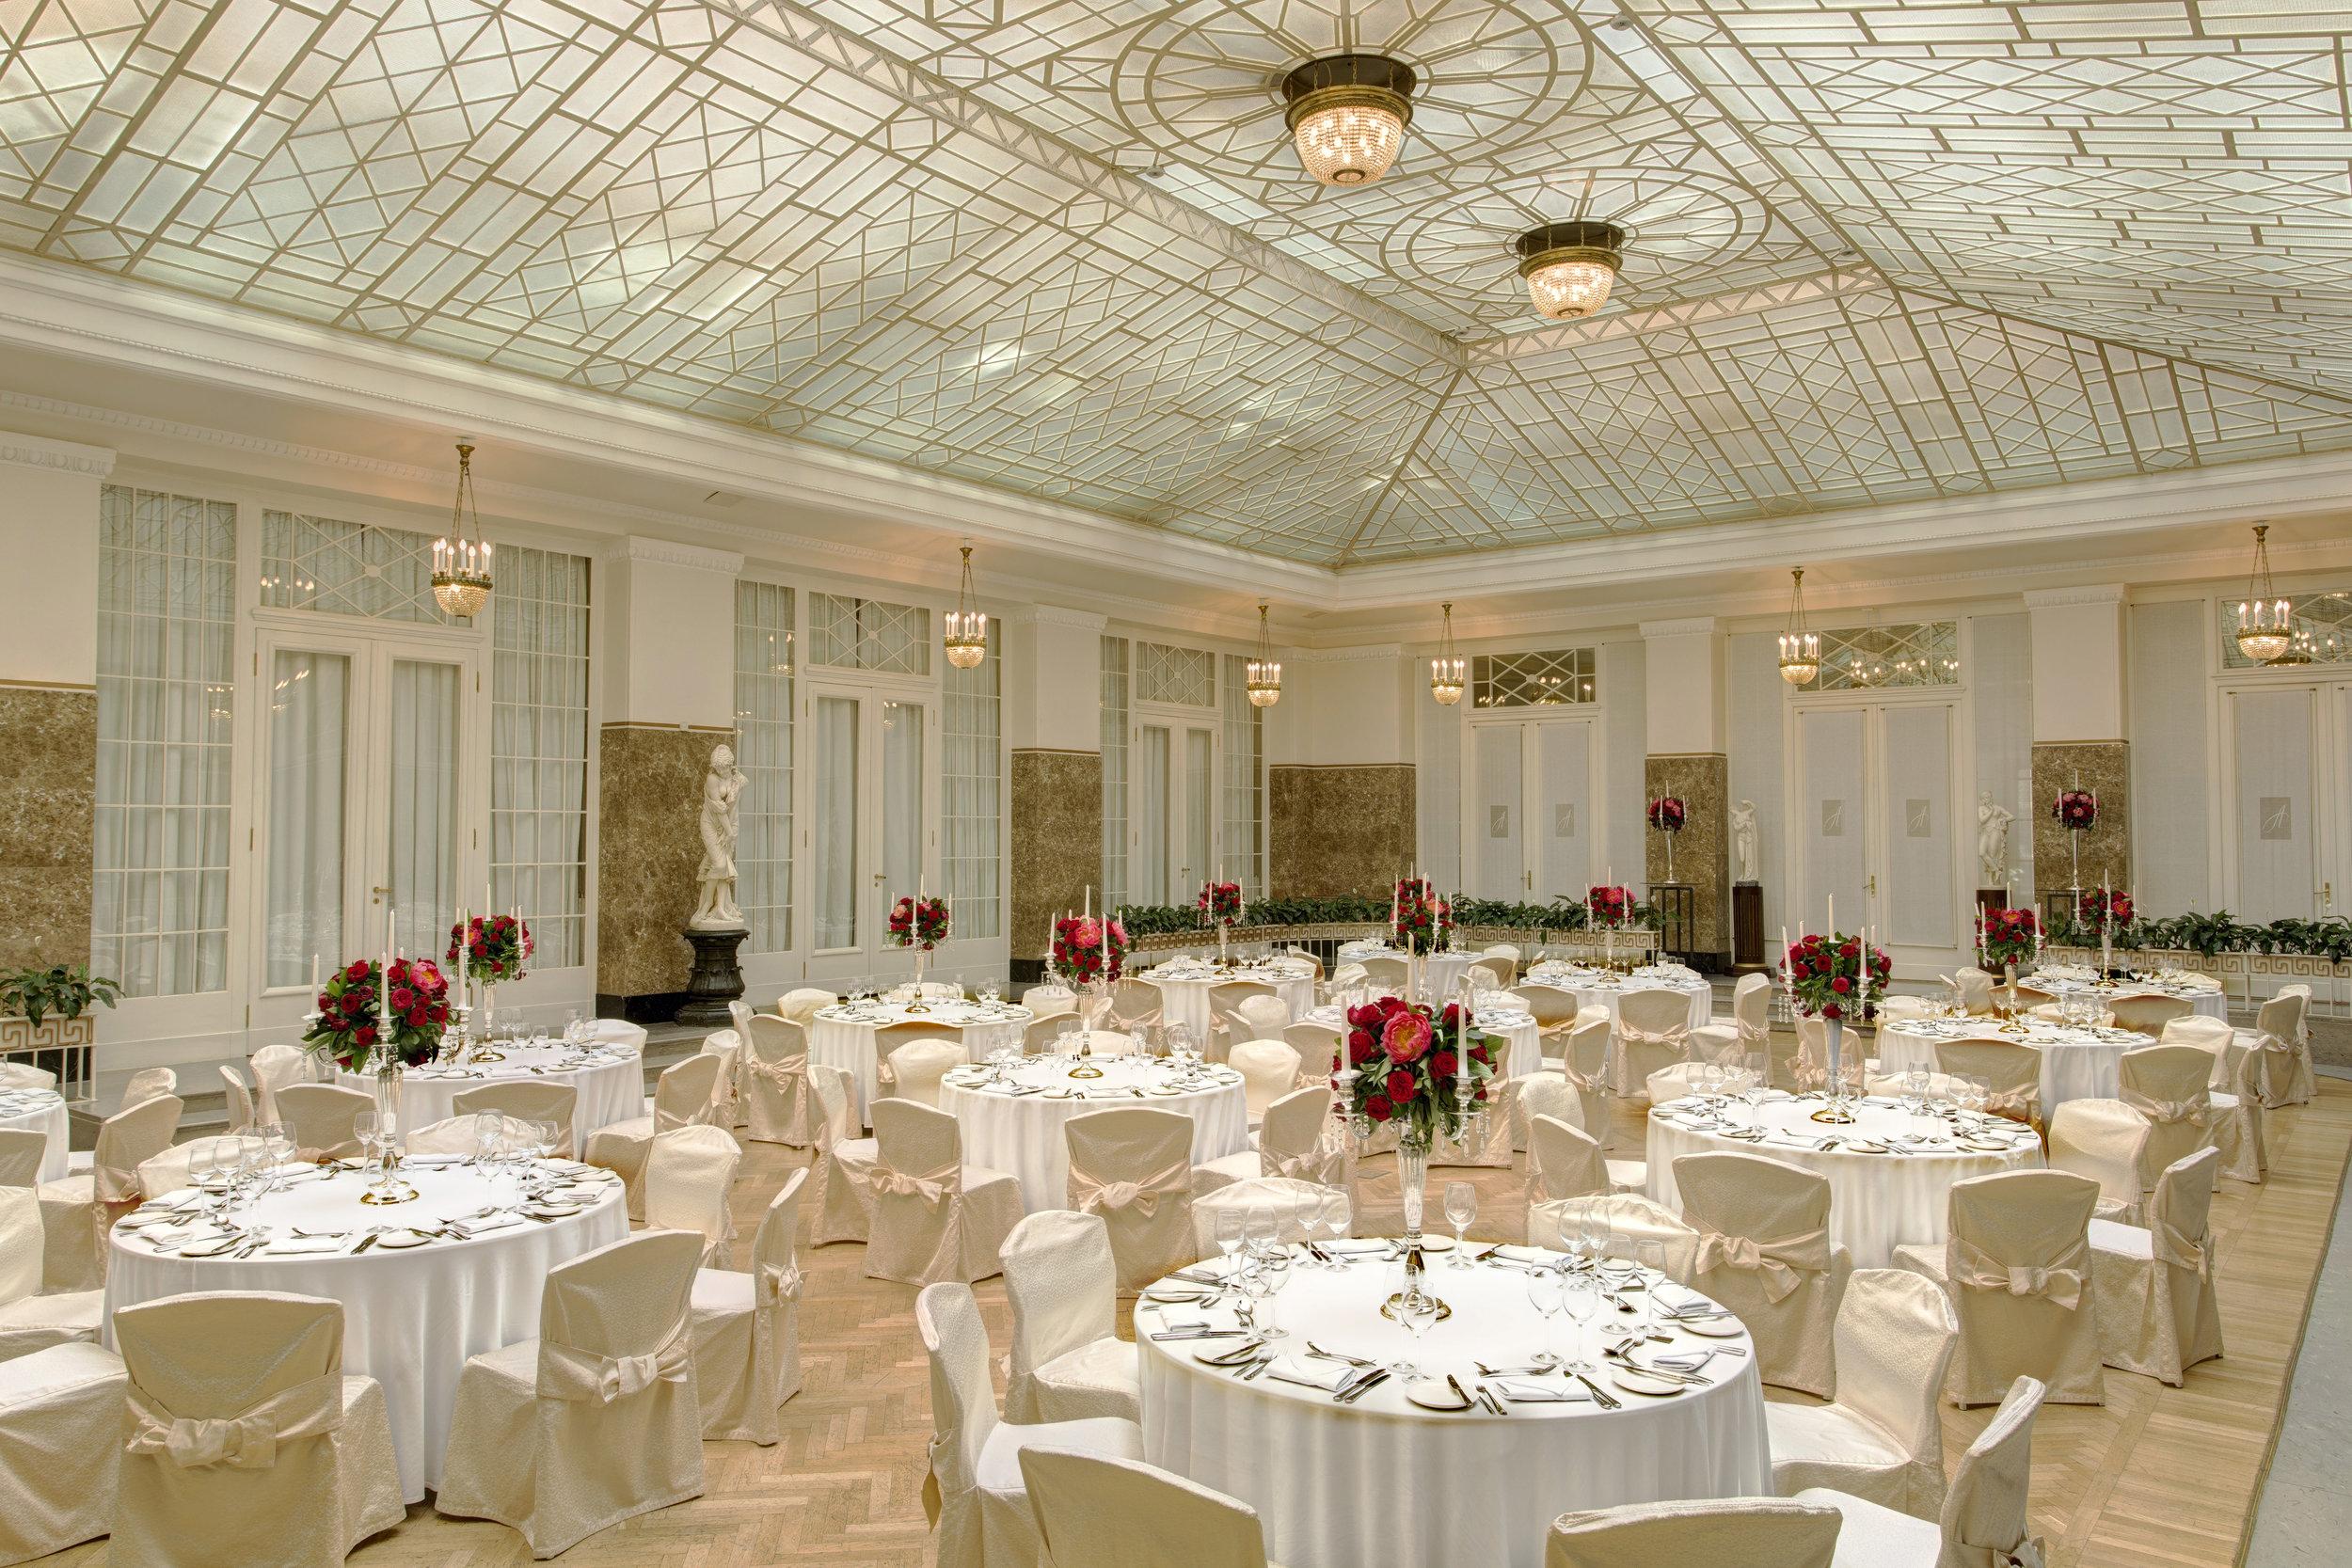 14 RFH Hotel Astoria - Winter Garden 7514.JPG